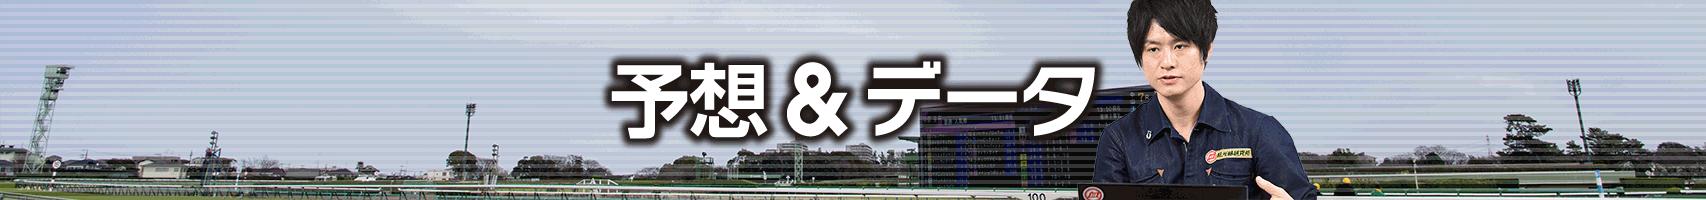 重賞レース過去5年ブラッドバイアス/共同通信杯&京都記念&クイーンC